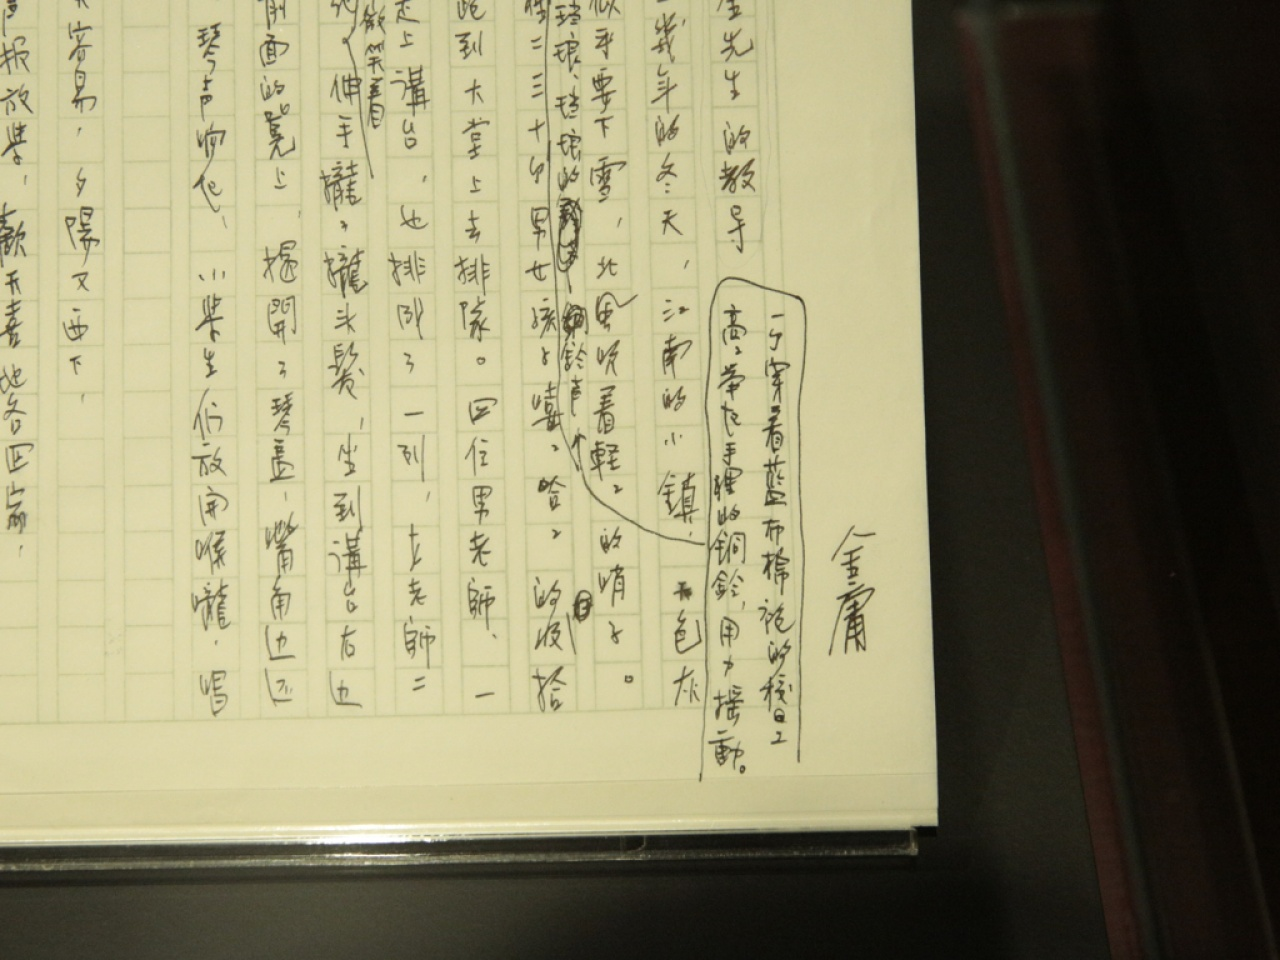 珍貴的修訂本亦是首次於展覽中展出。(林若勤攝)